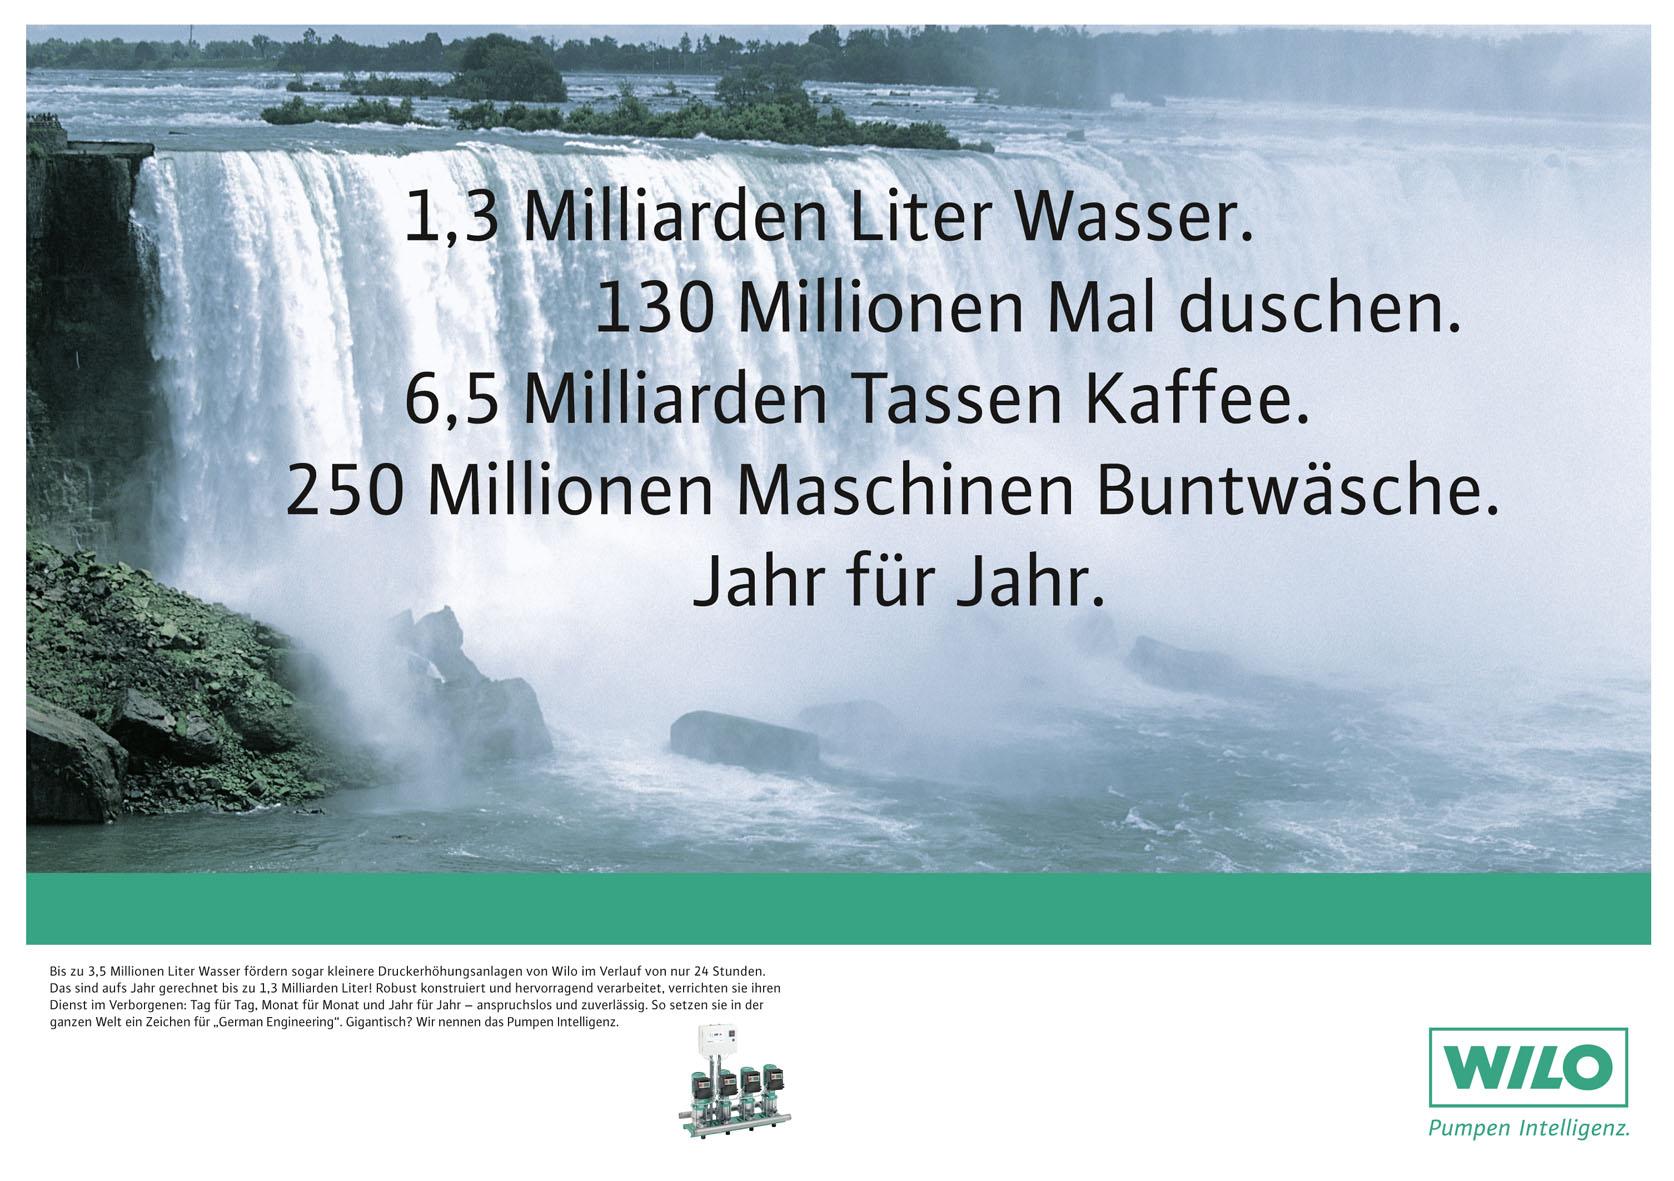 Wilo Imageanzeige: Hocheffizienz/Druckerhöhungspumpen - Uwe Groß (Konzept/Text)